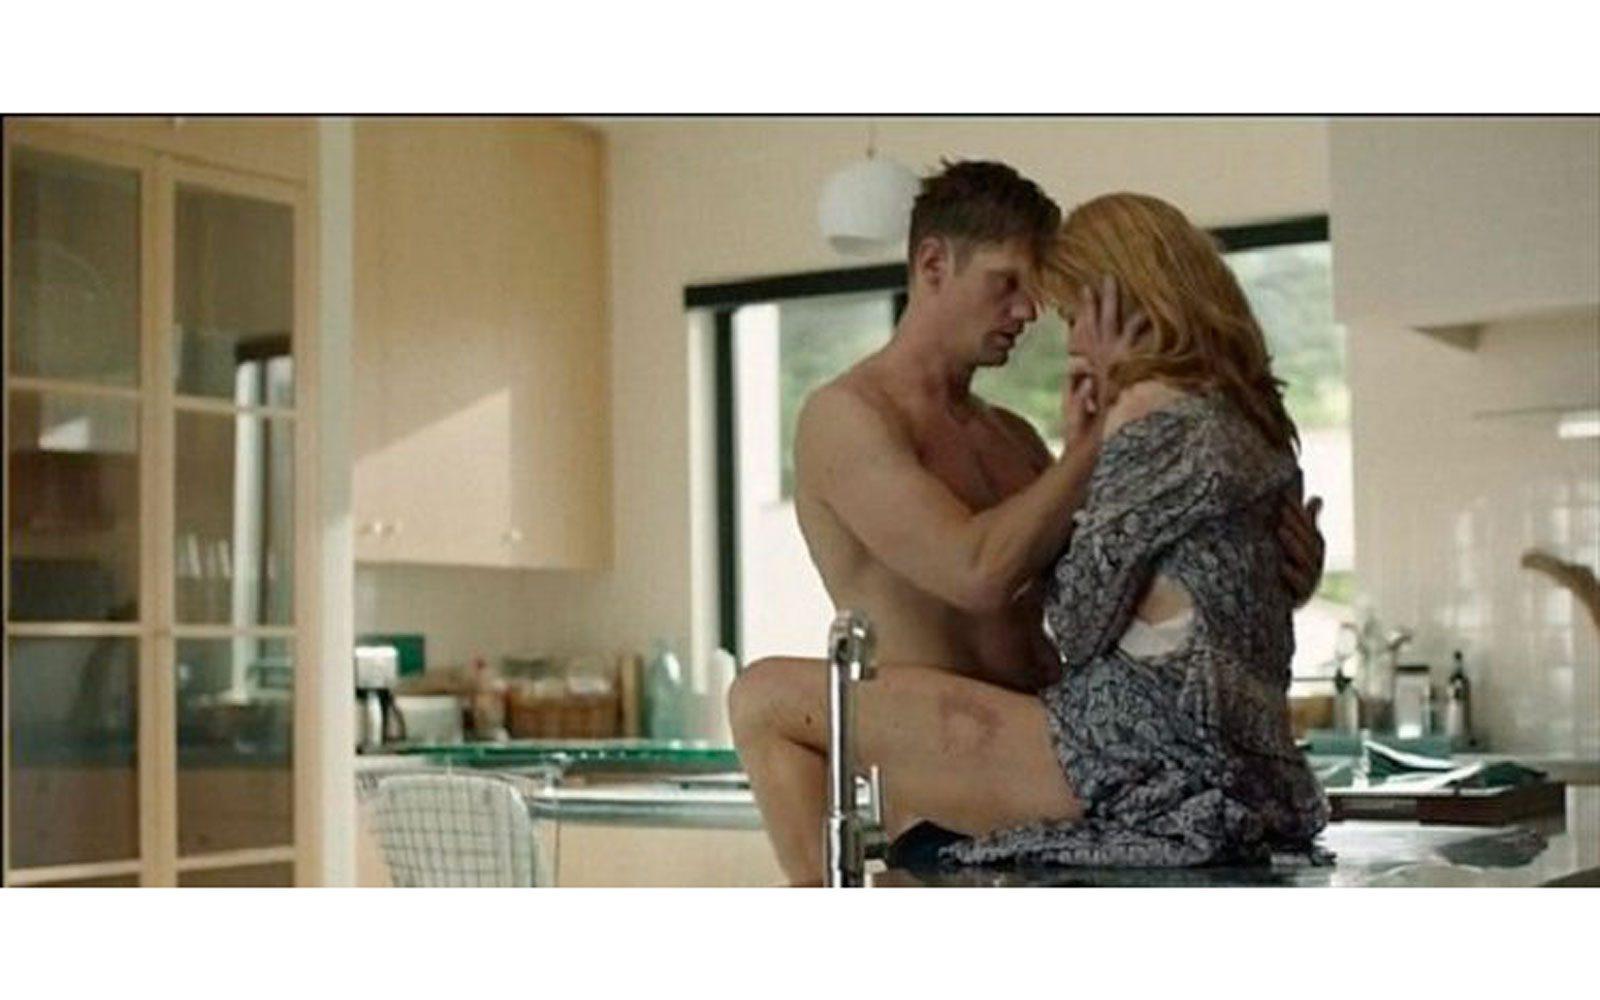 """Conturbante e algida allo stesso tempo nella miniserie """"Big little lies"""" (2017), dove interpreta la moglie di un uomo violento e non si fa mancare scene di sesso estremo e topless"""